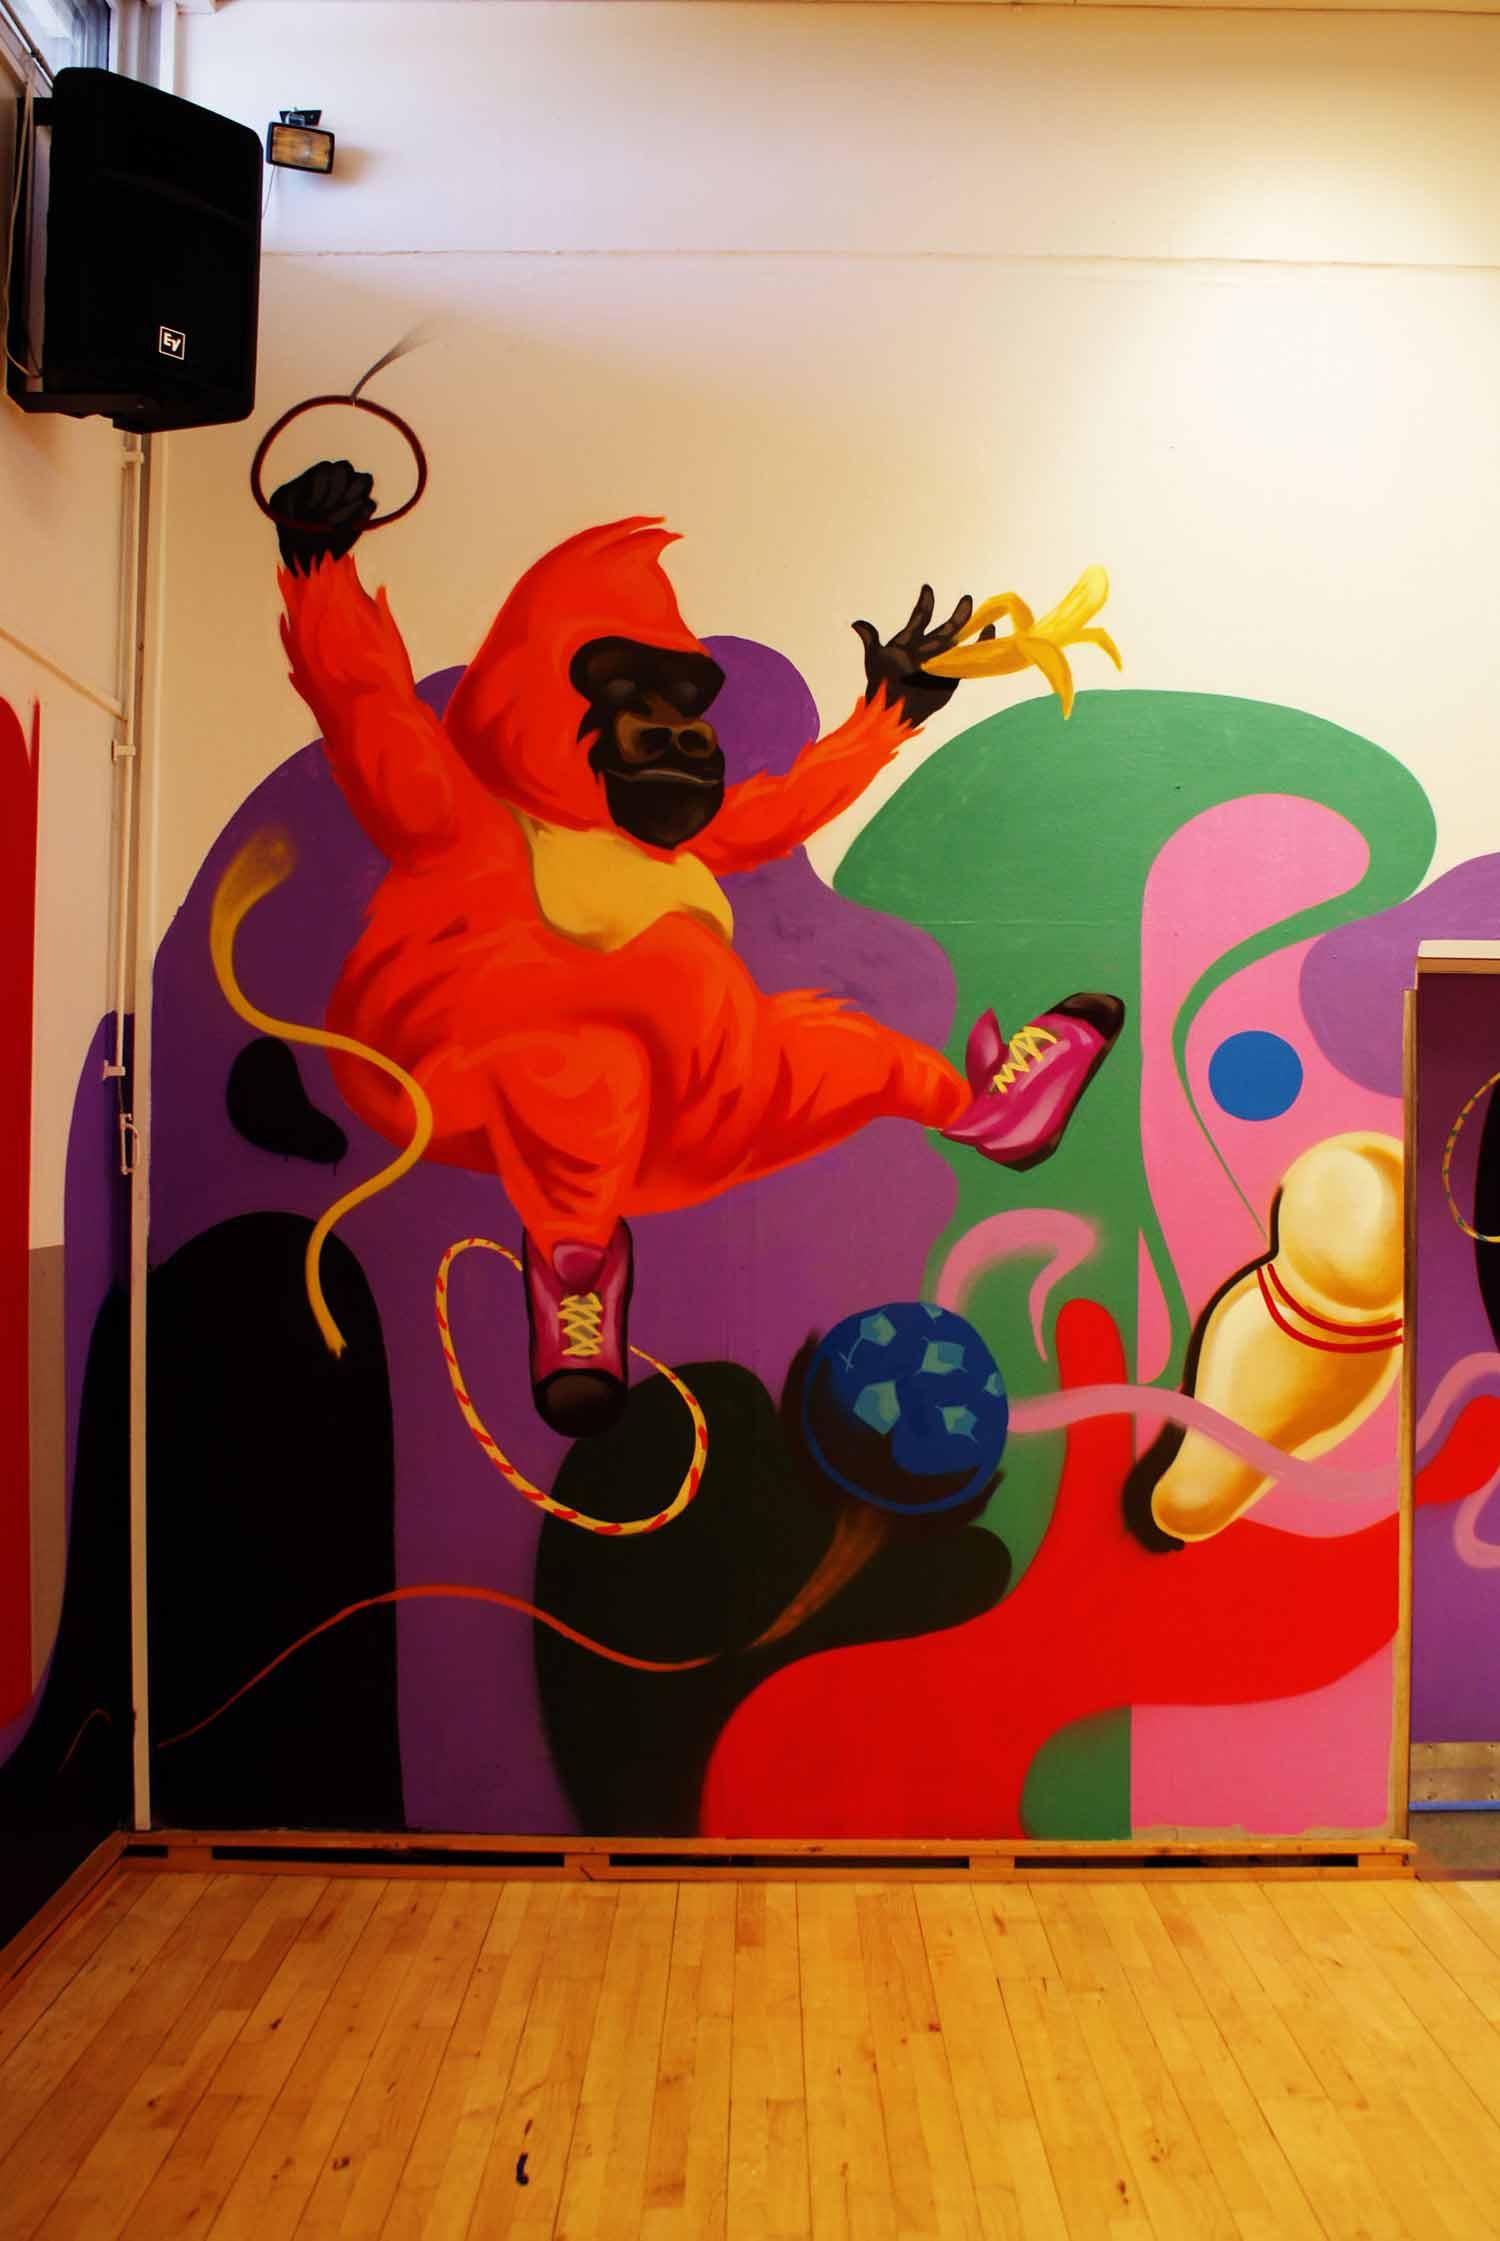 Graffiti kunstner maler abe på skole